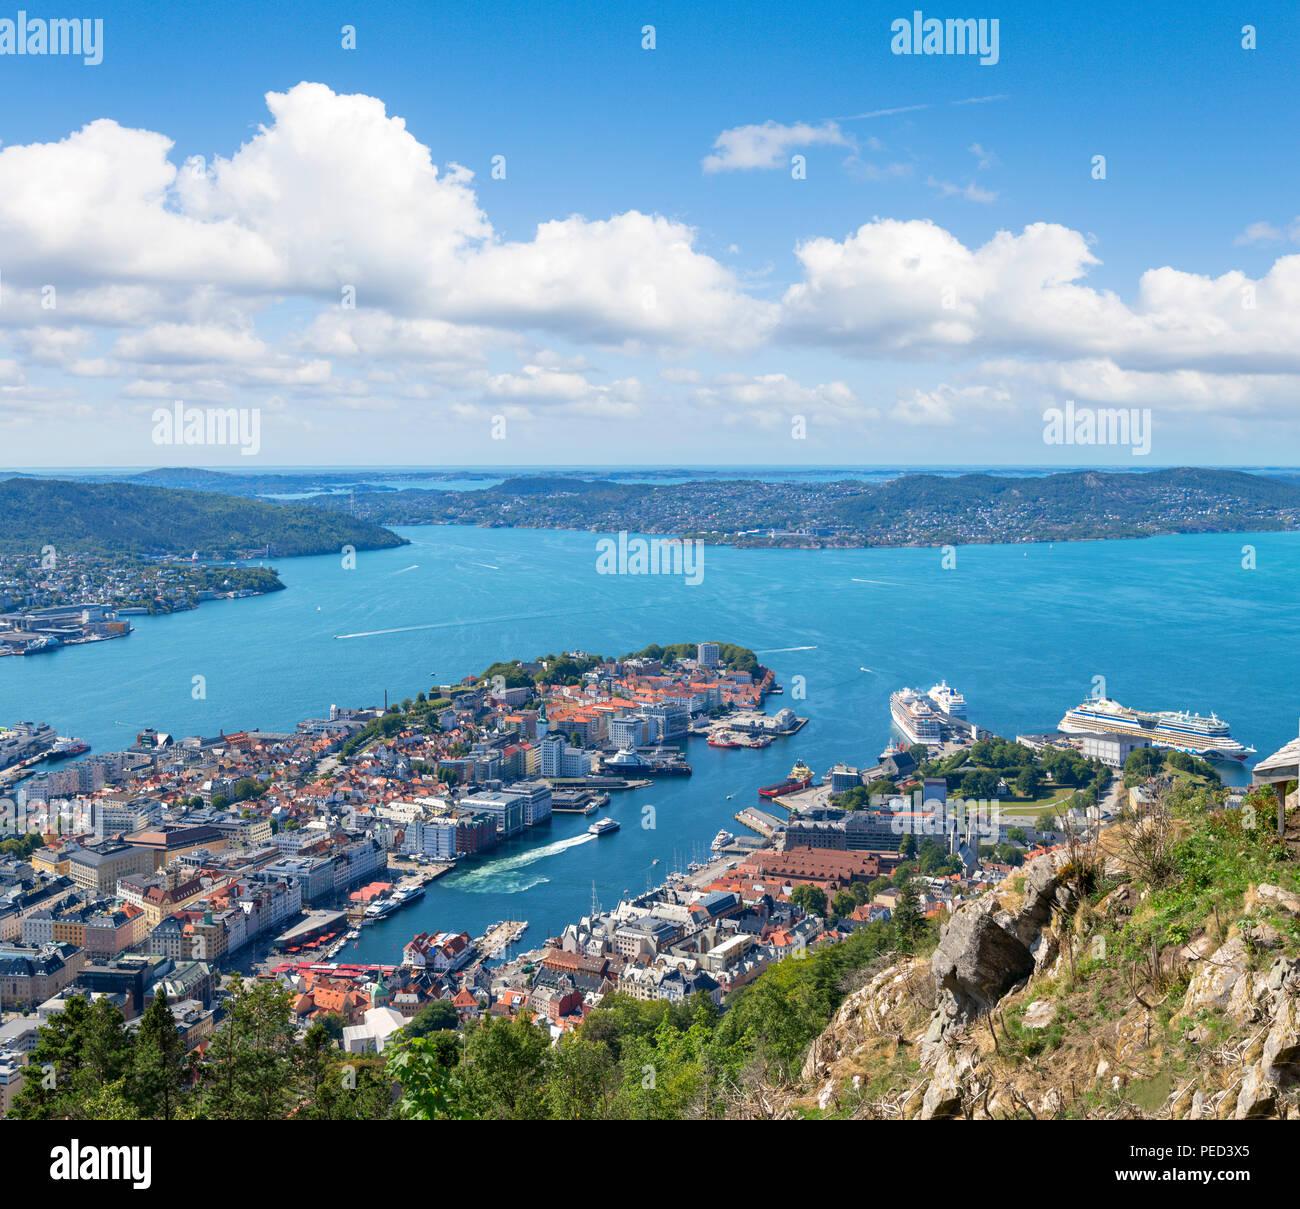 Bergen, Norwegen. Blick über die Stadt aus der Sicht der Fløyfjellet oben auf dem Berg Fløyen, Bergen, Hordaland, Norwegen Stockbild